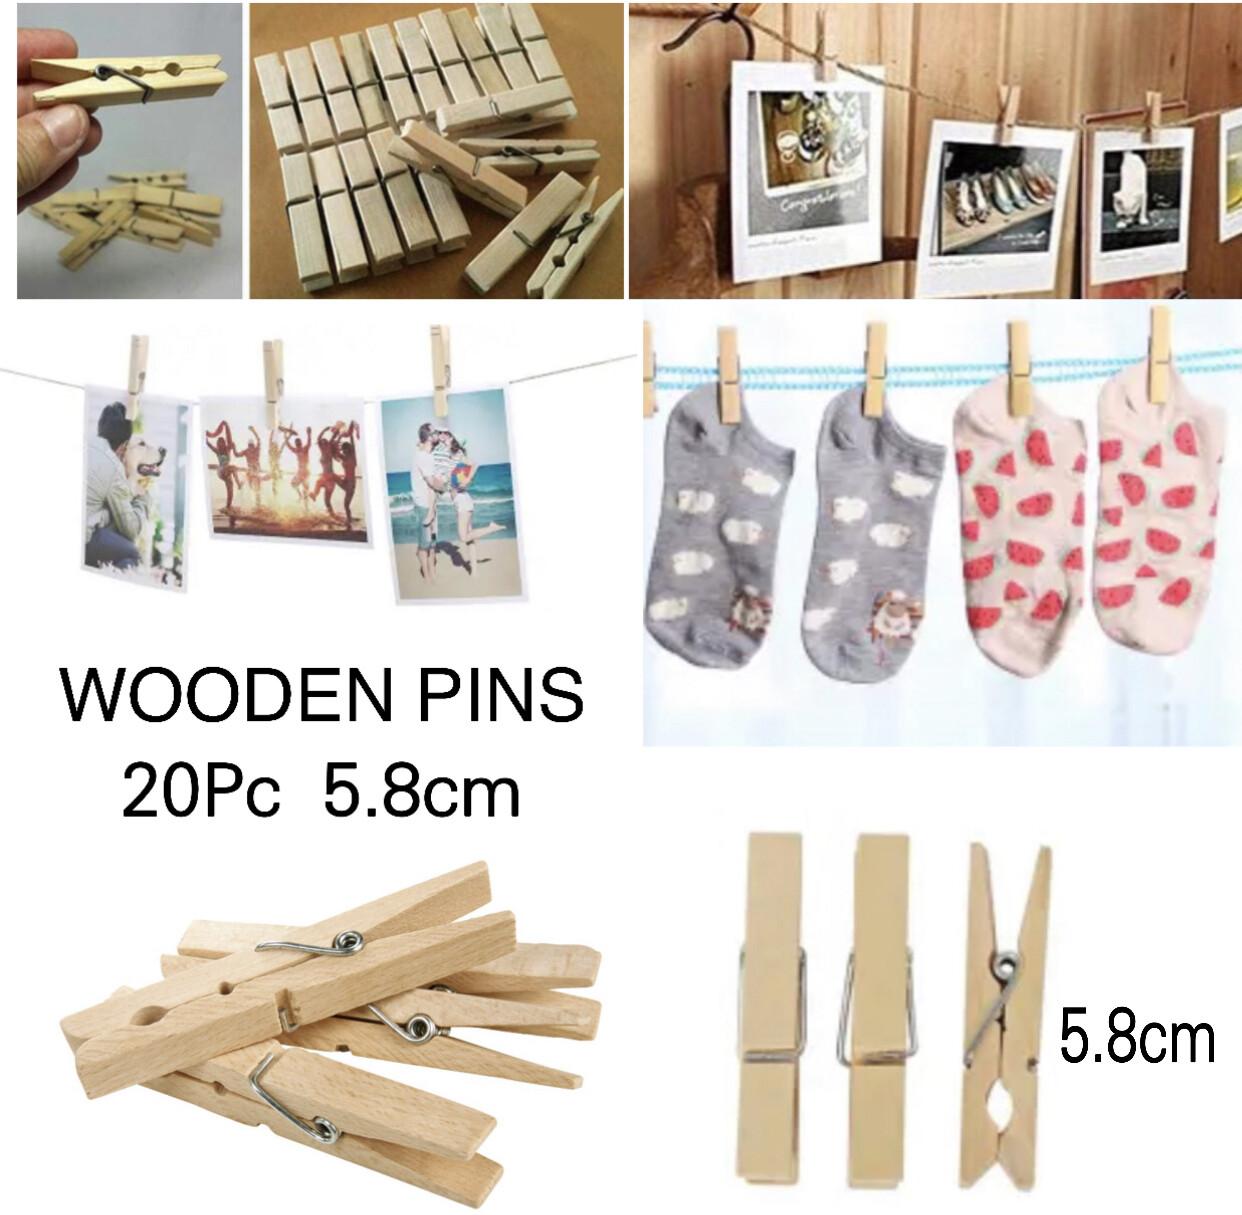 Wooden Pins 5.8cm